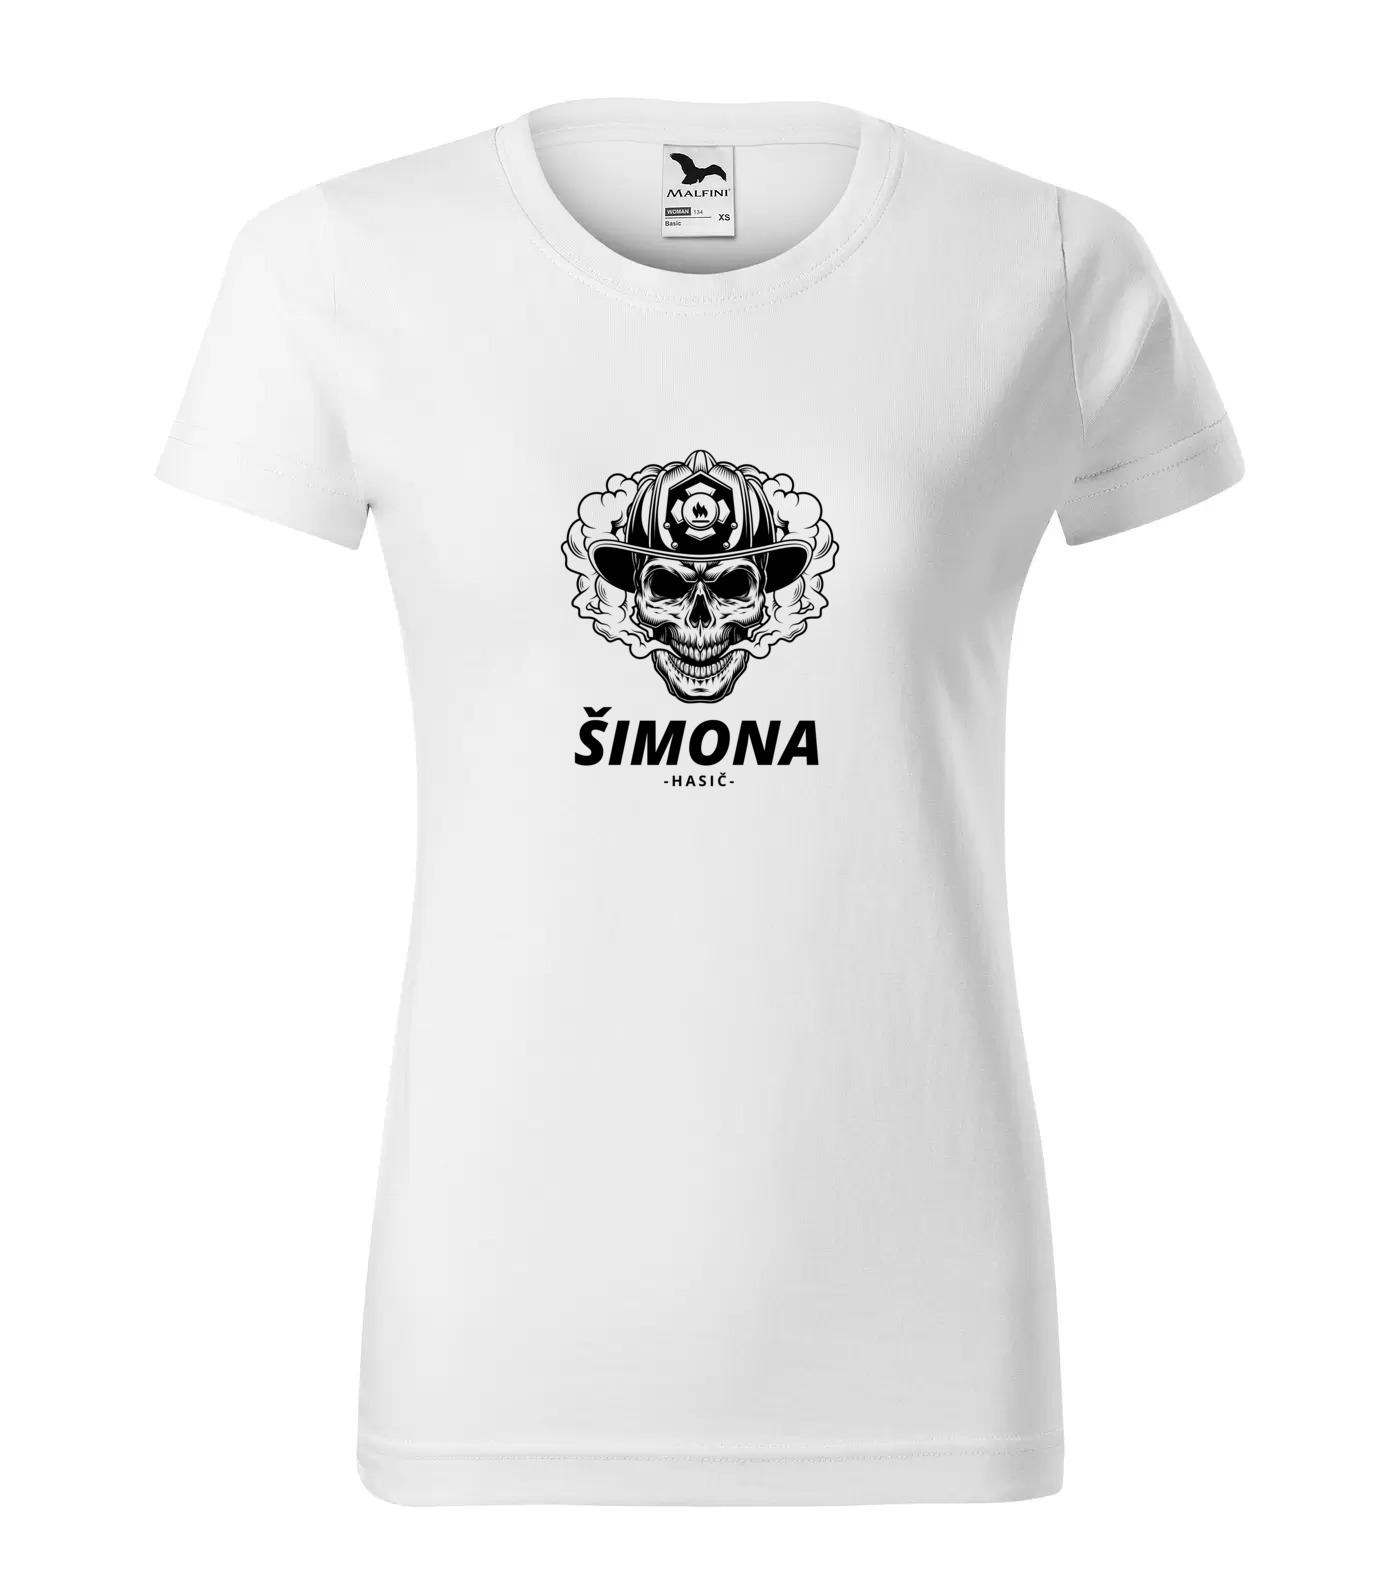 Tričko Hasič Šimona